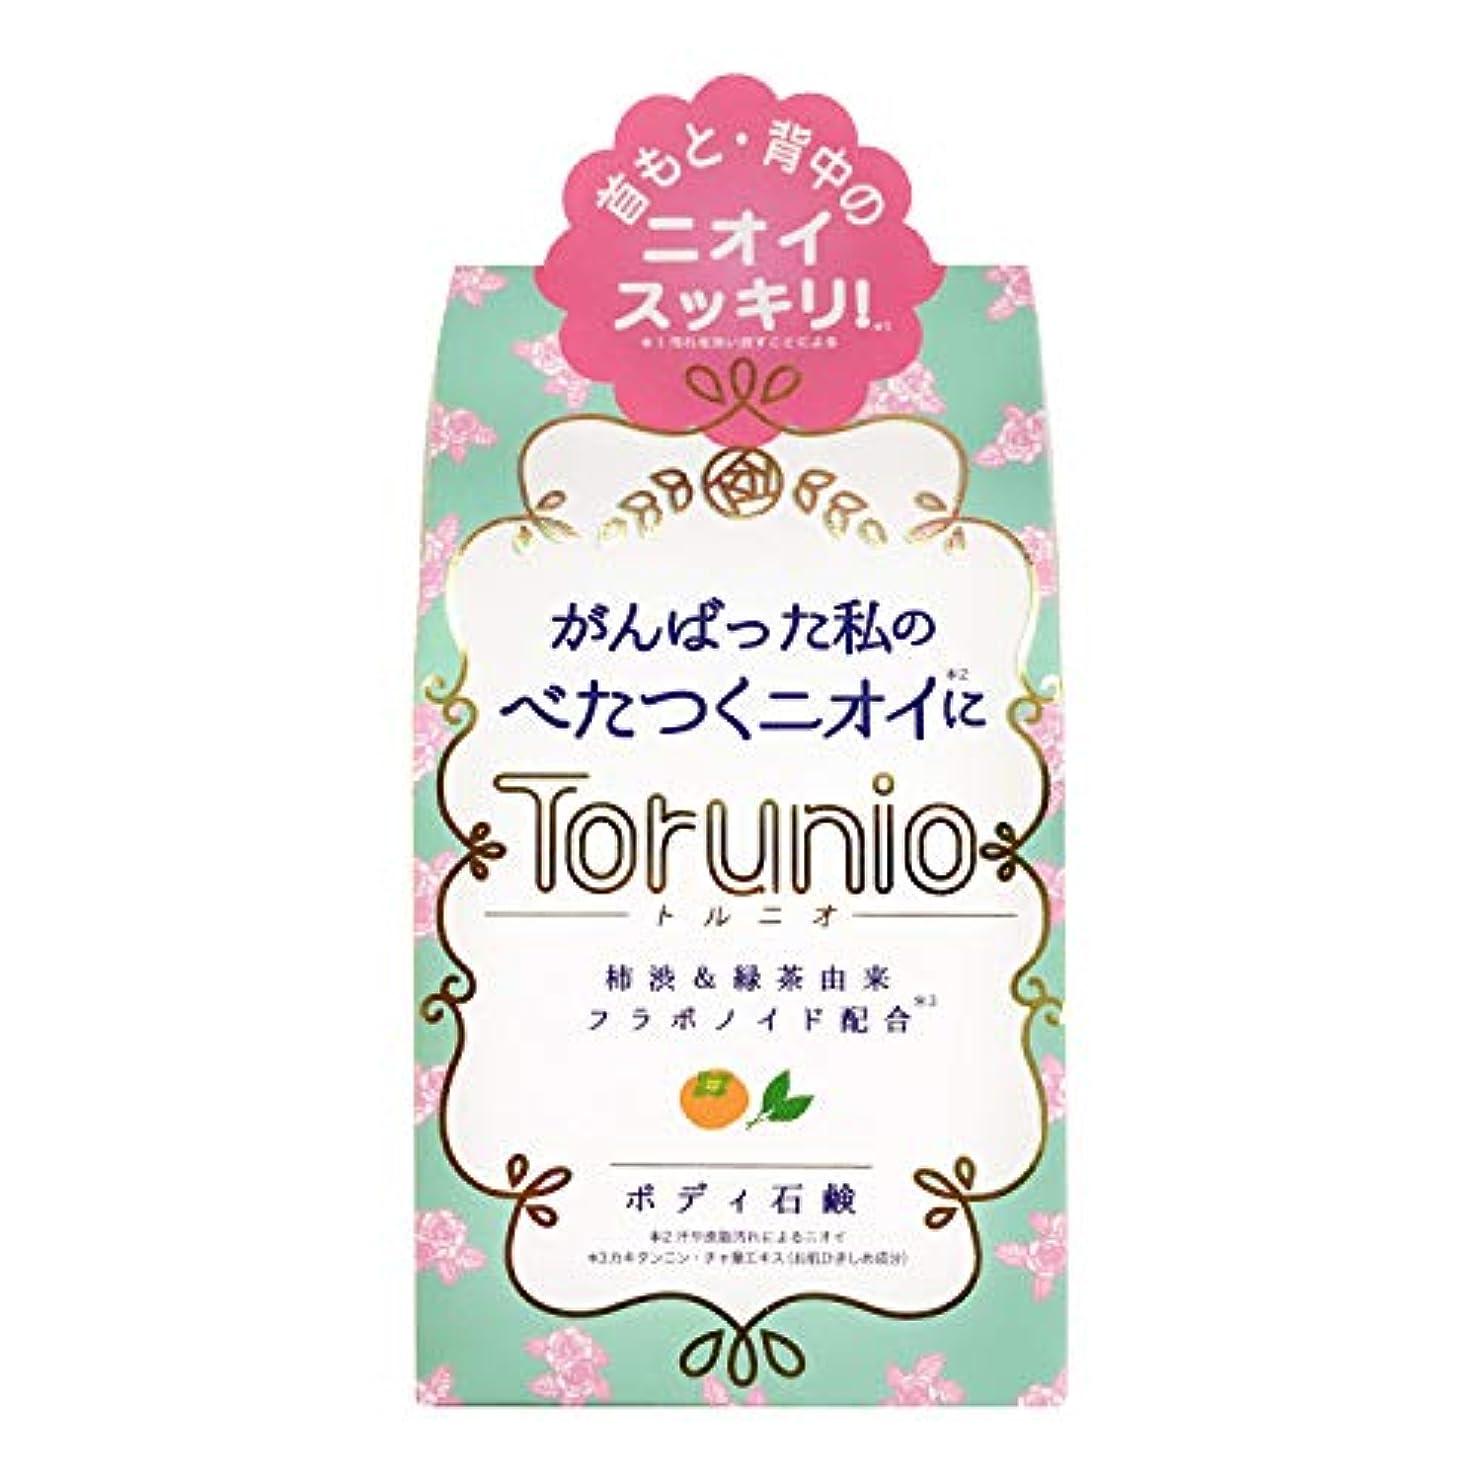 グリット不注意不名誉なTorunio(トルニオ)石鹸 100g